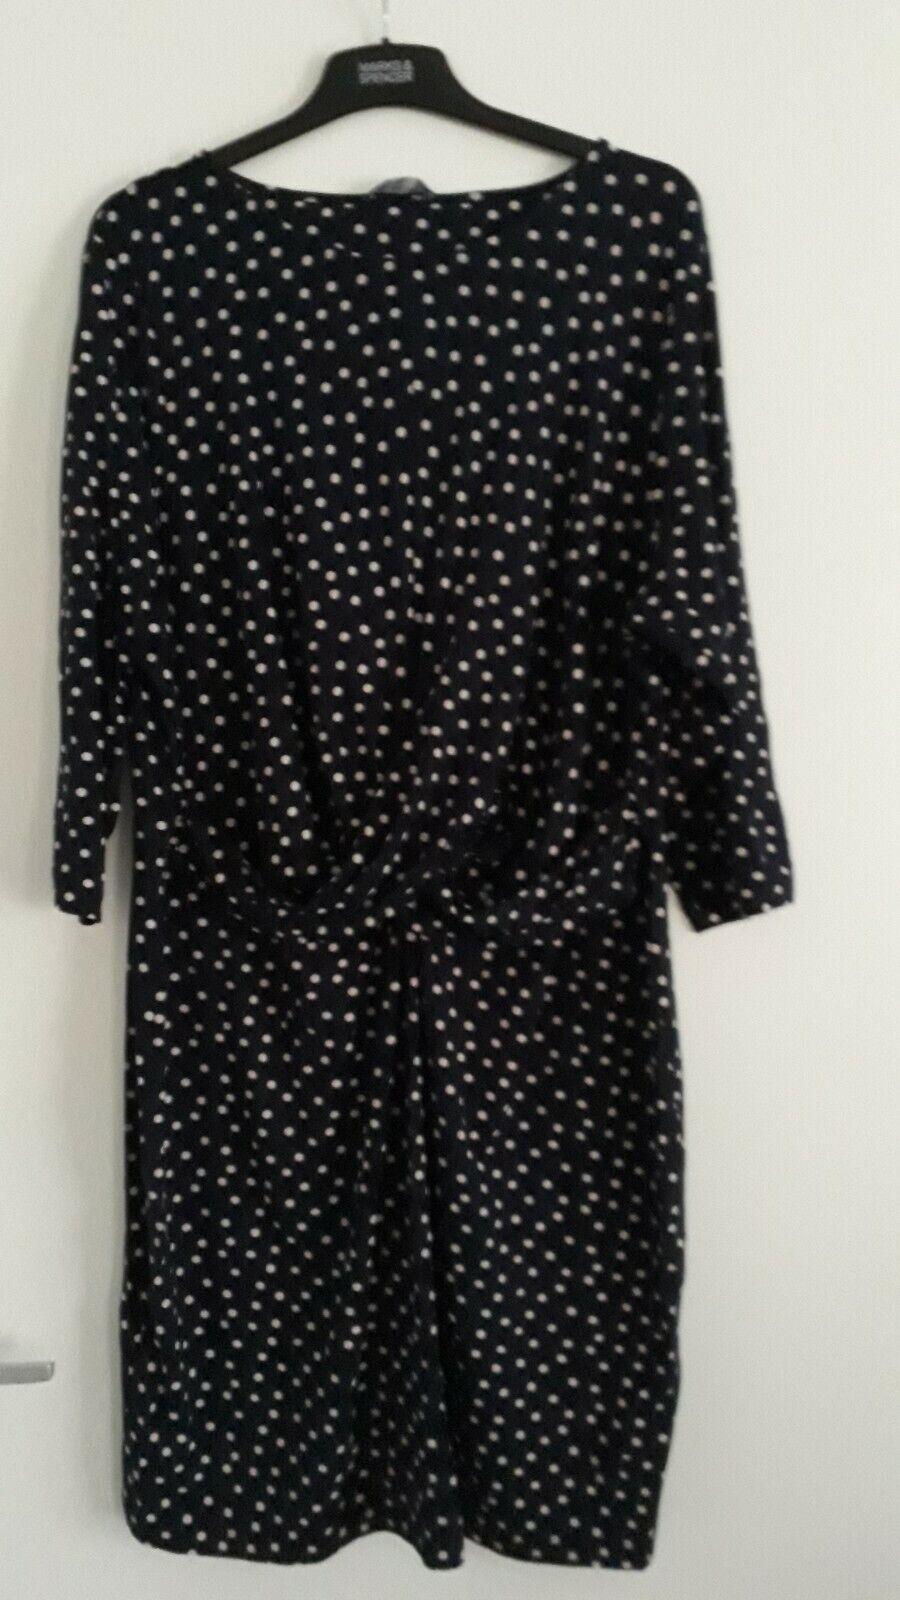 Marks & Spencer BNWT Drape Waist Navy & Cream Stretch Spot Dress Size 22